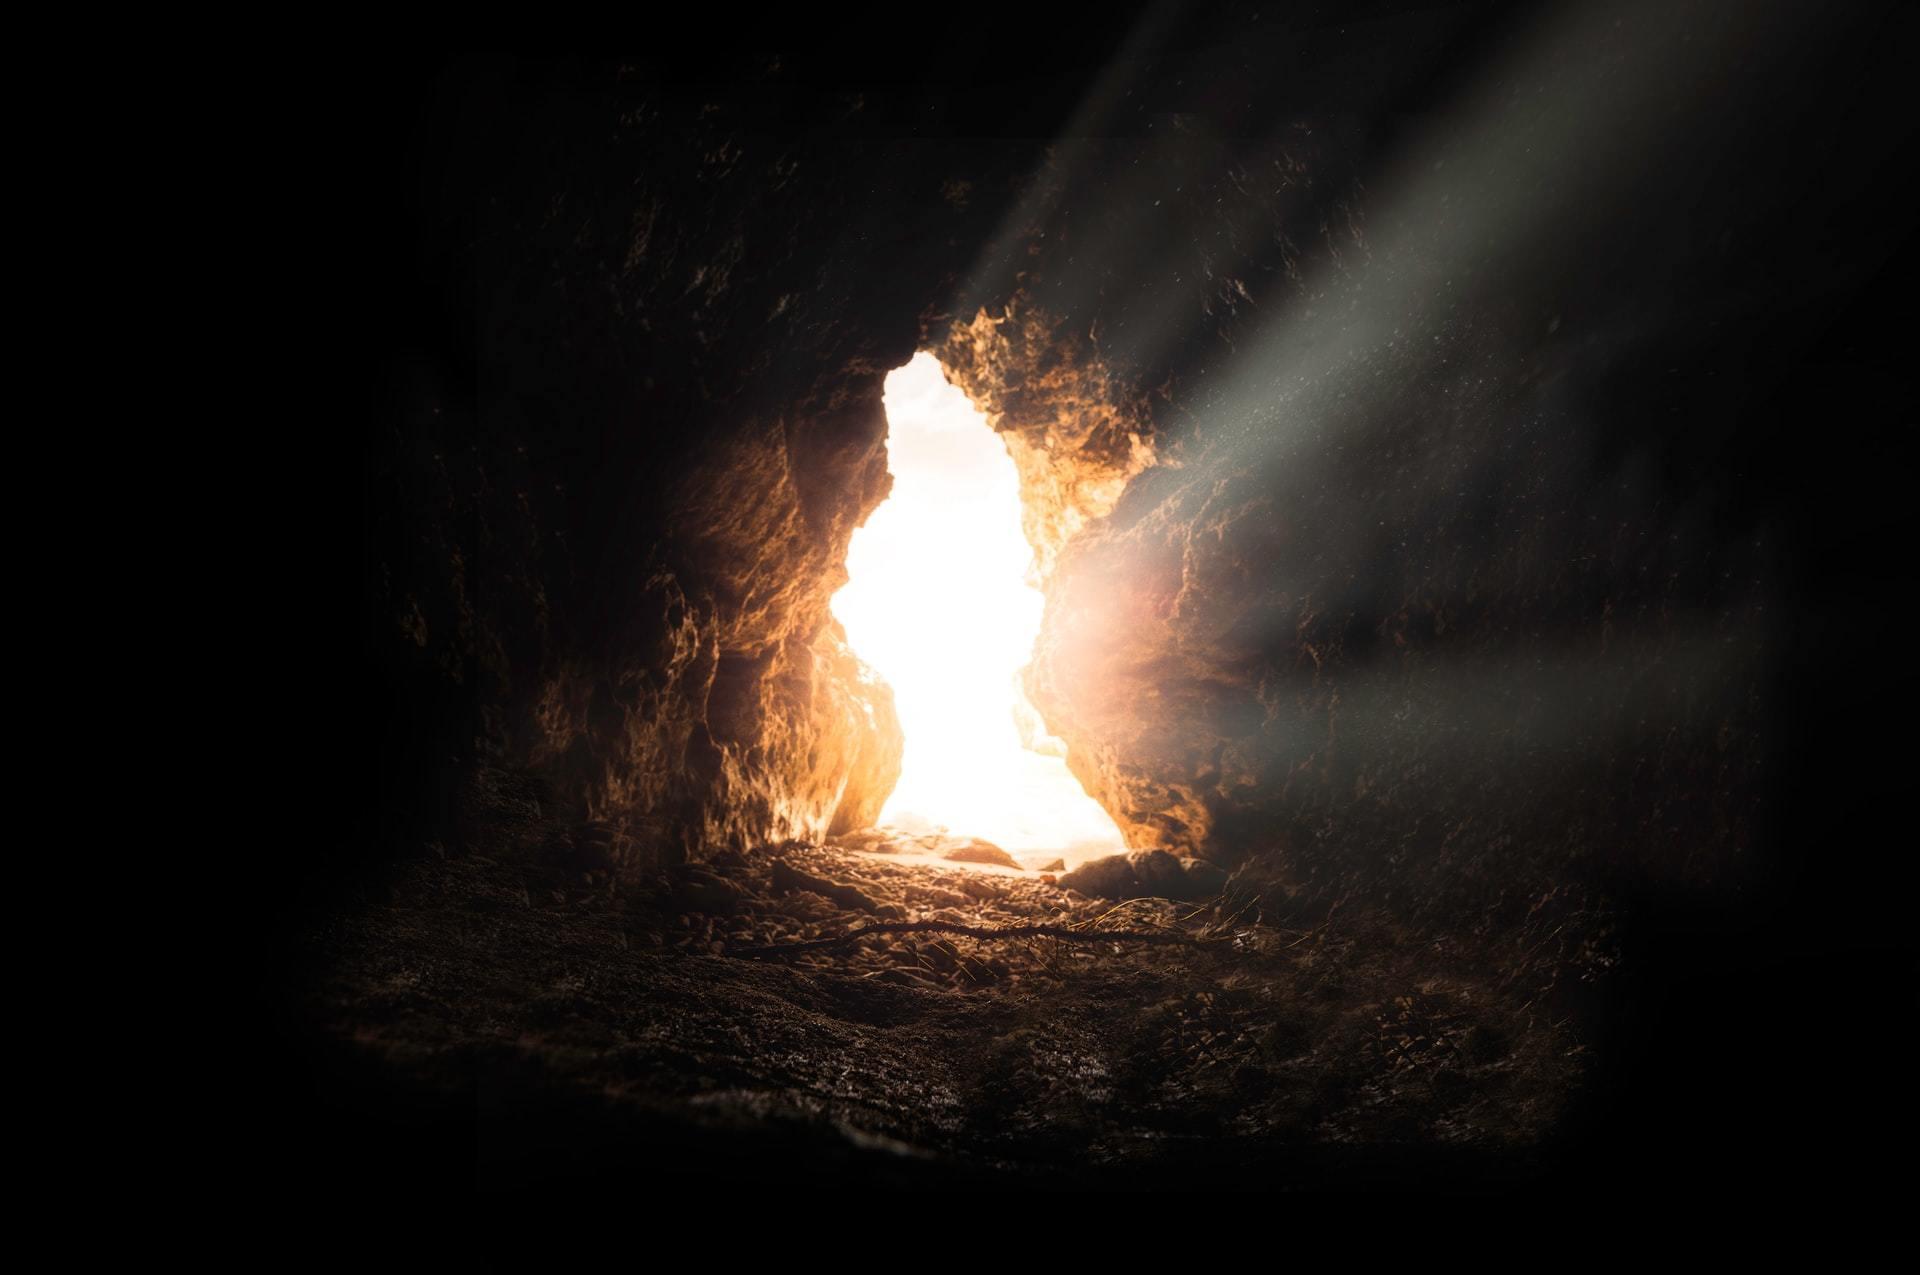 Ostern Auferstehung bruno van der kraan v2 Hg Nz R Df II unsplash